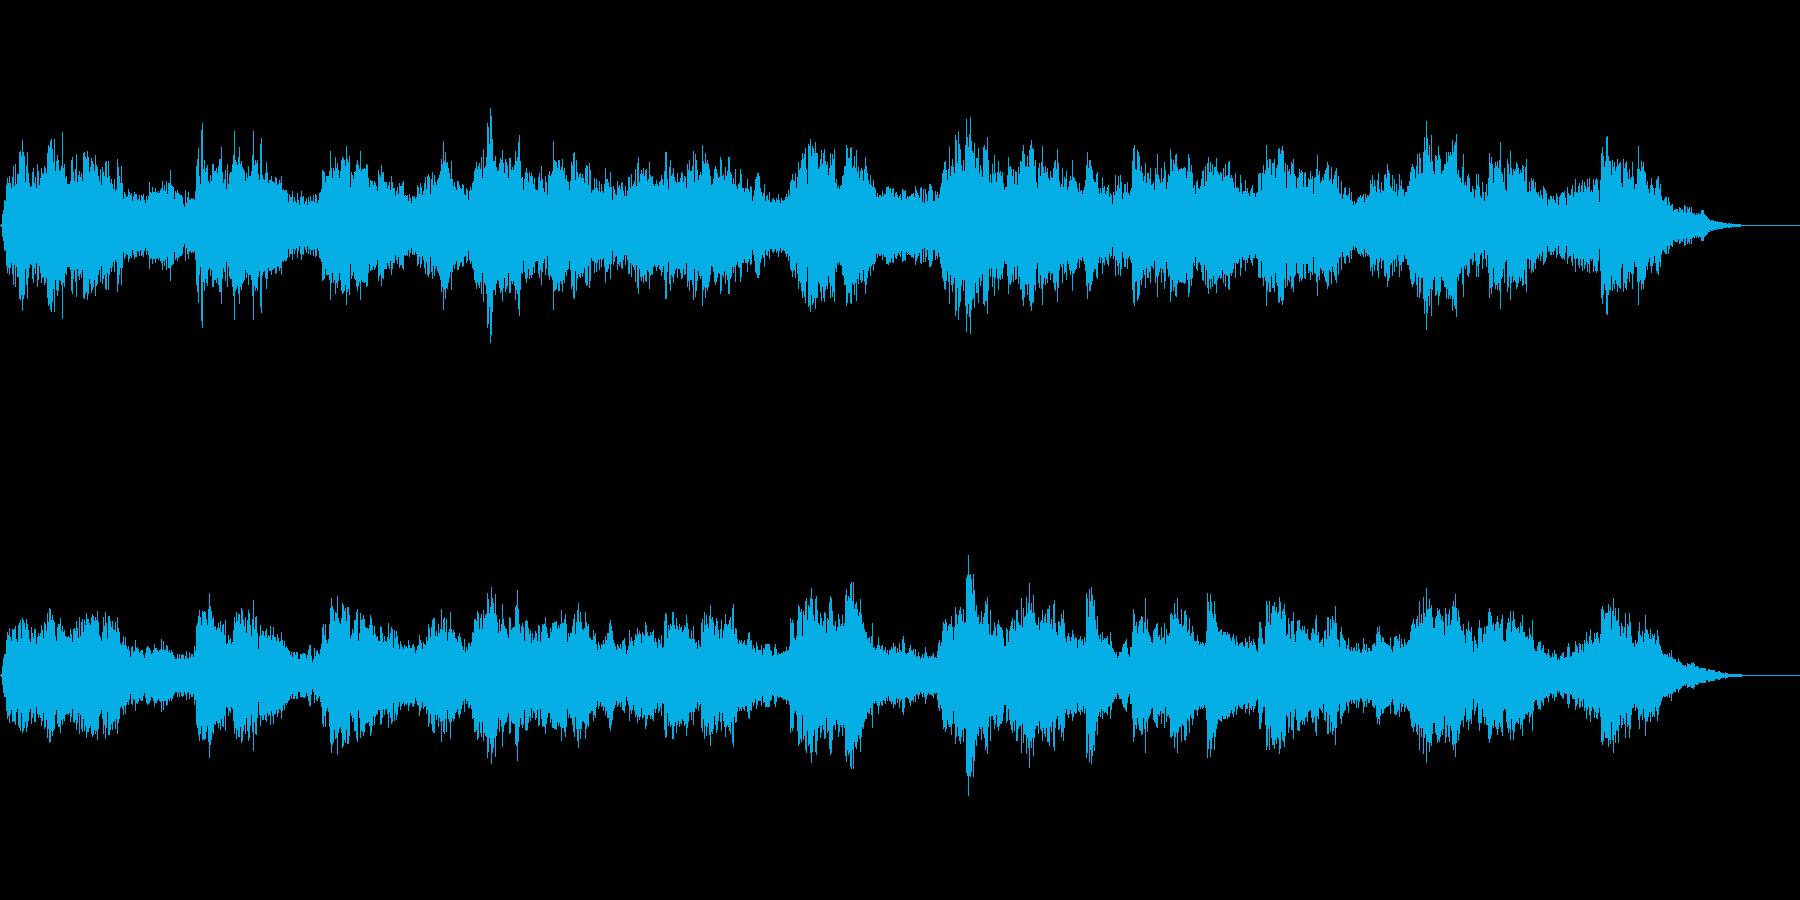 トルコ笛ナーイによる神秘的で怪しい音風景の再生済みの波形